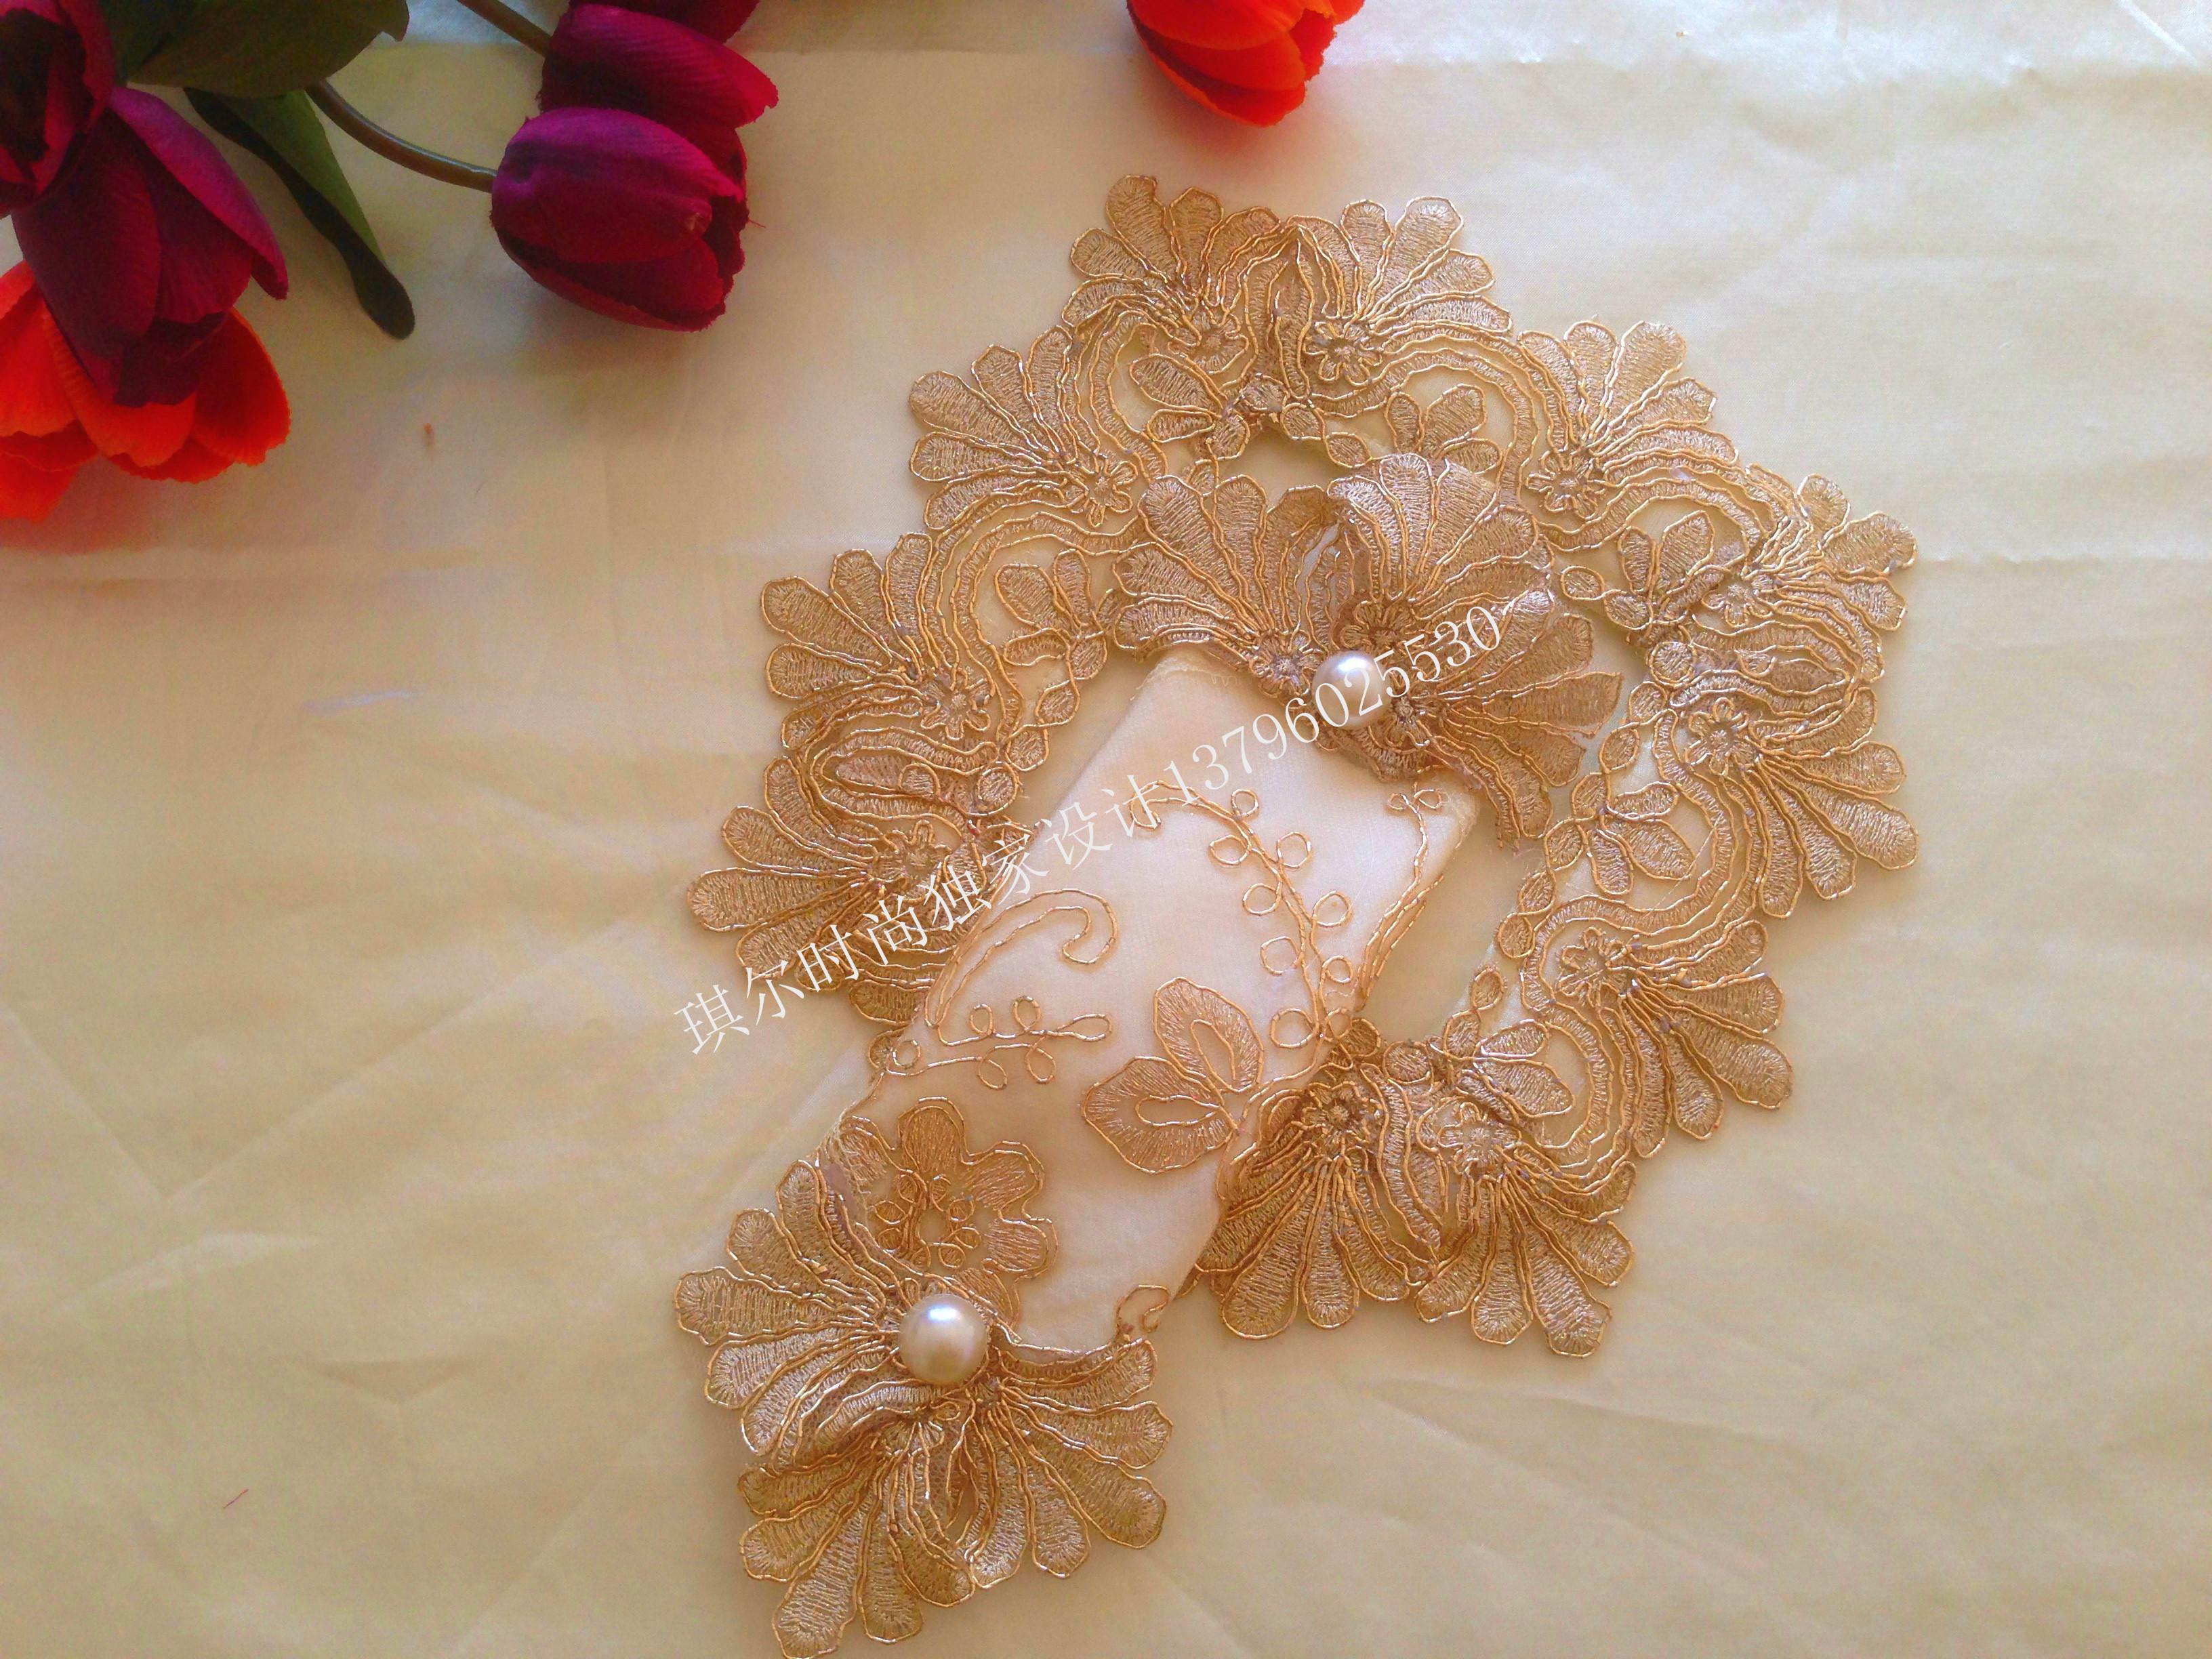 Высокая мода файлы личность континентальный китайский стиль стиль визуализация для говорить ткань кружево пылезащитный чехол дверной звонок пылезащитный чехол золотой